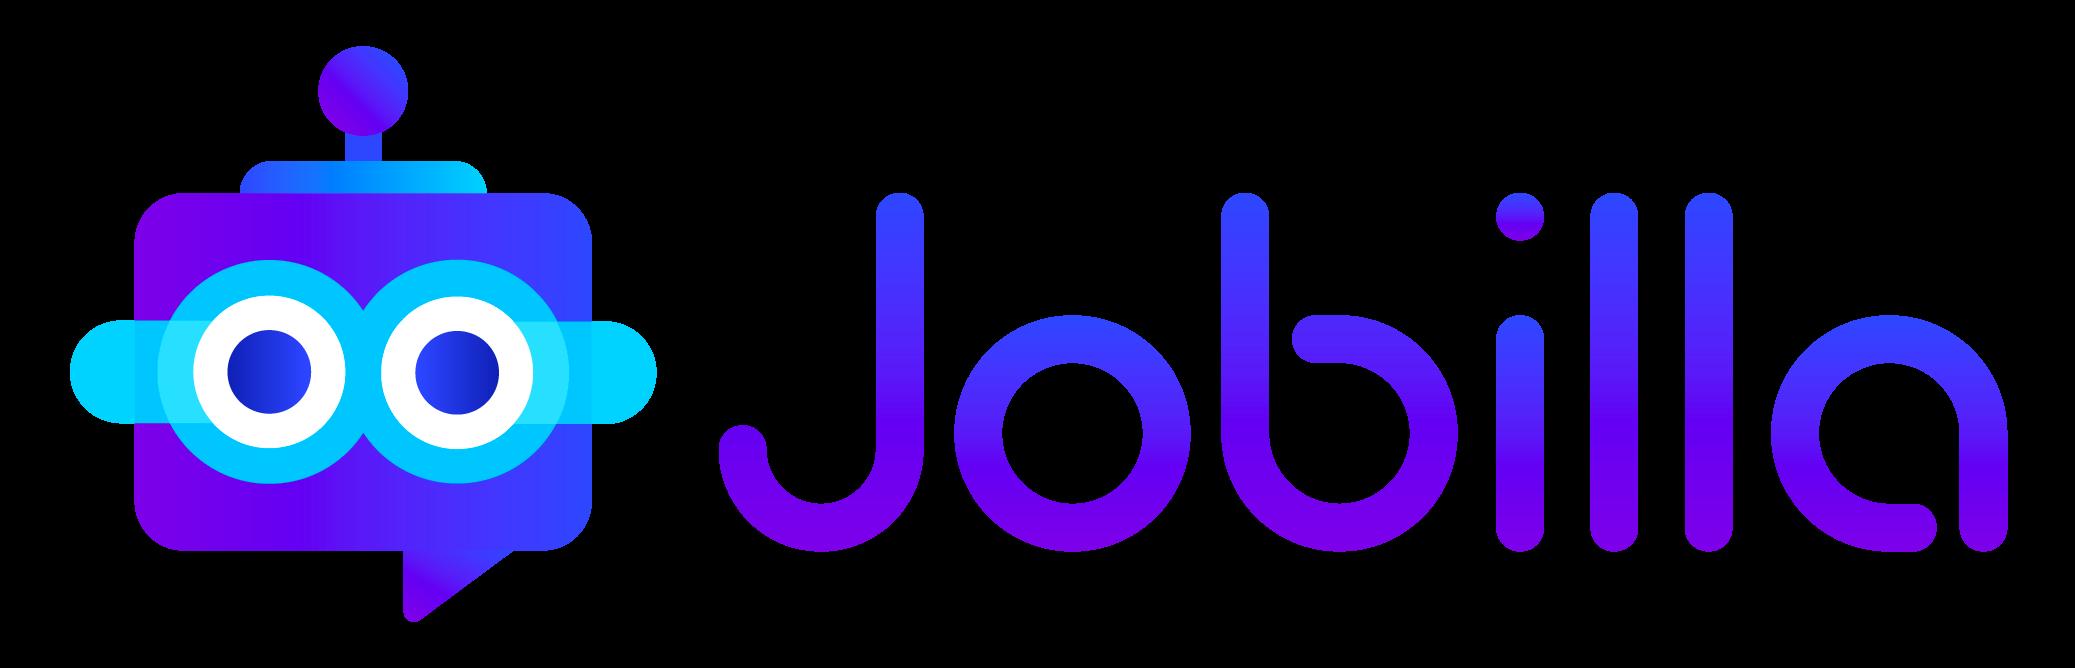 jobilla_logo_color-1